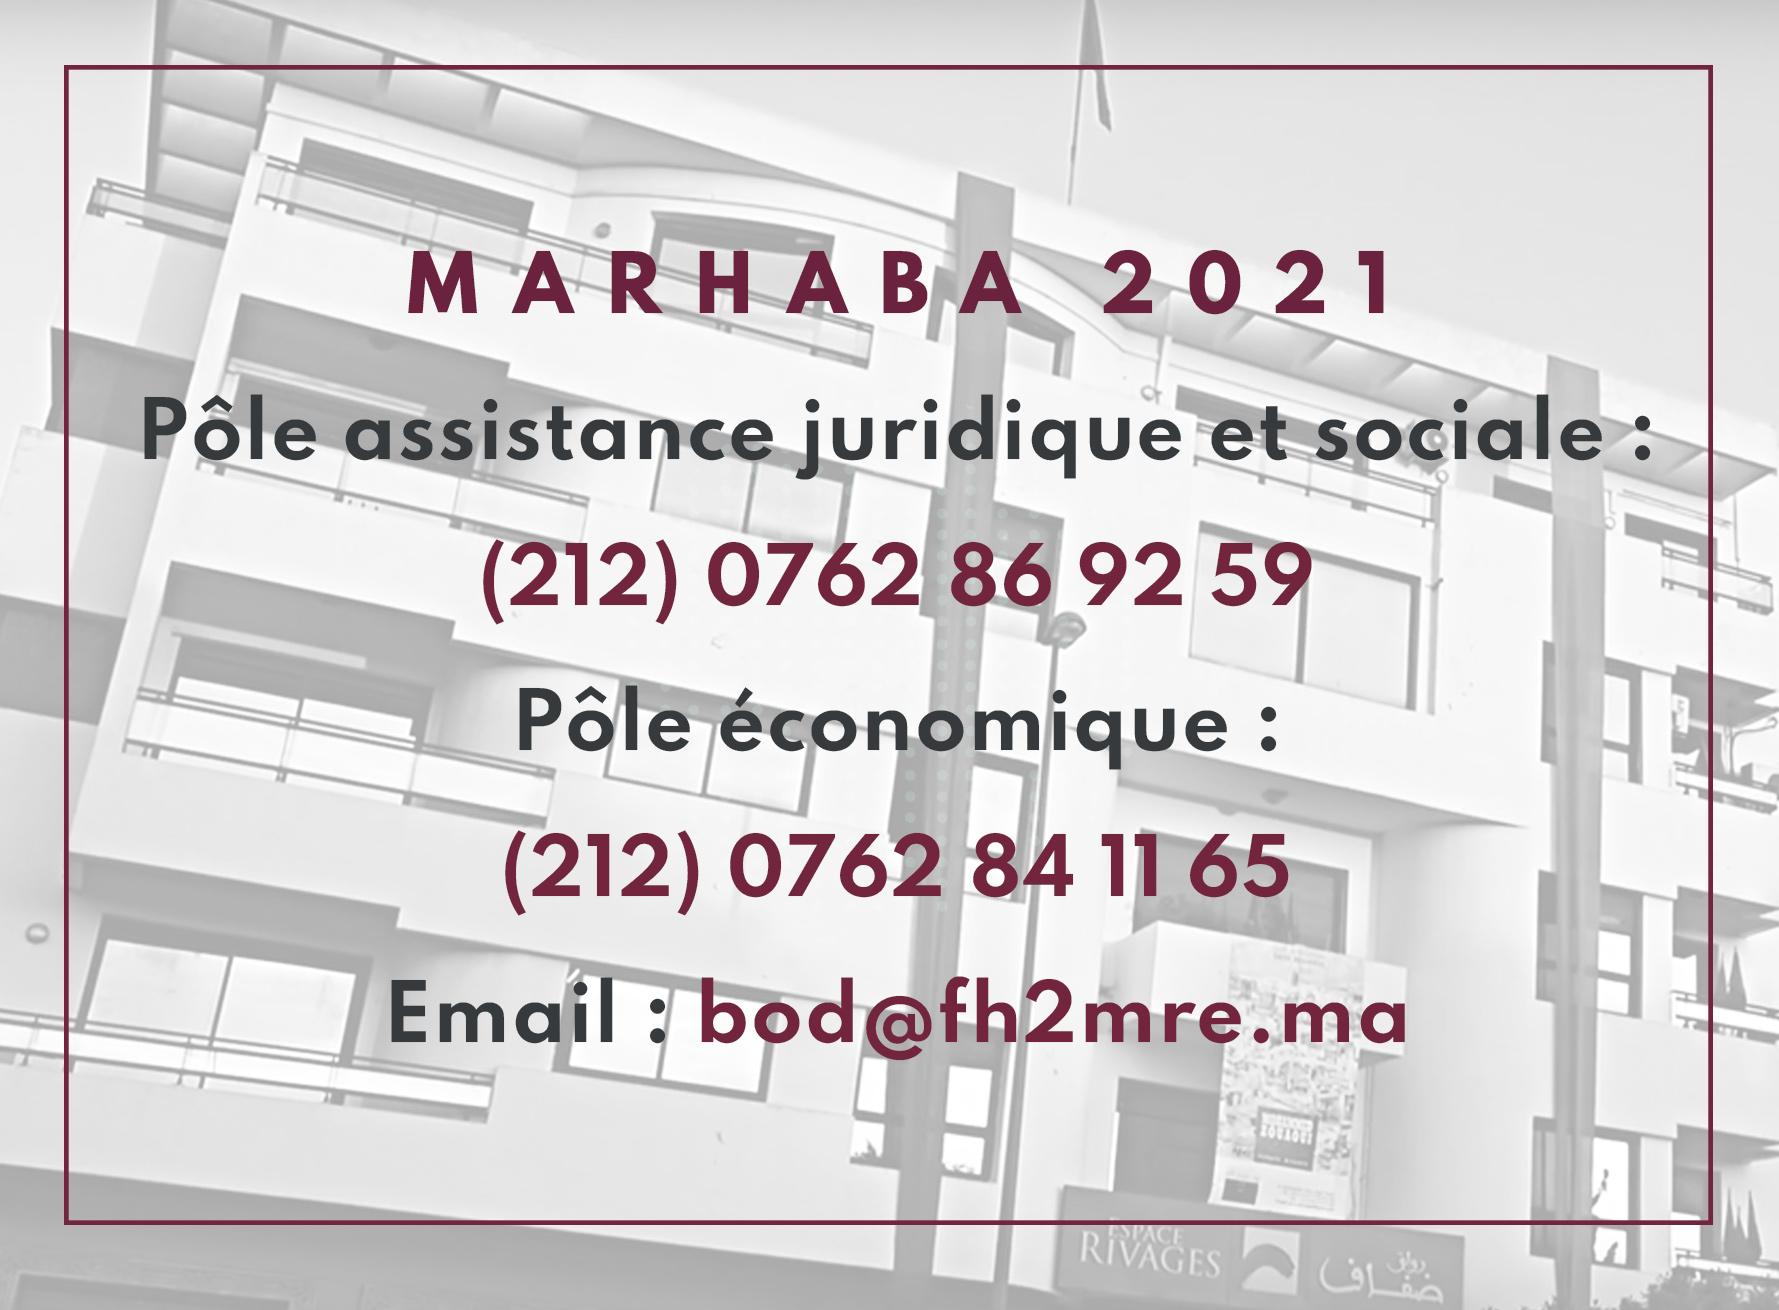 marhaba-2021